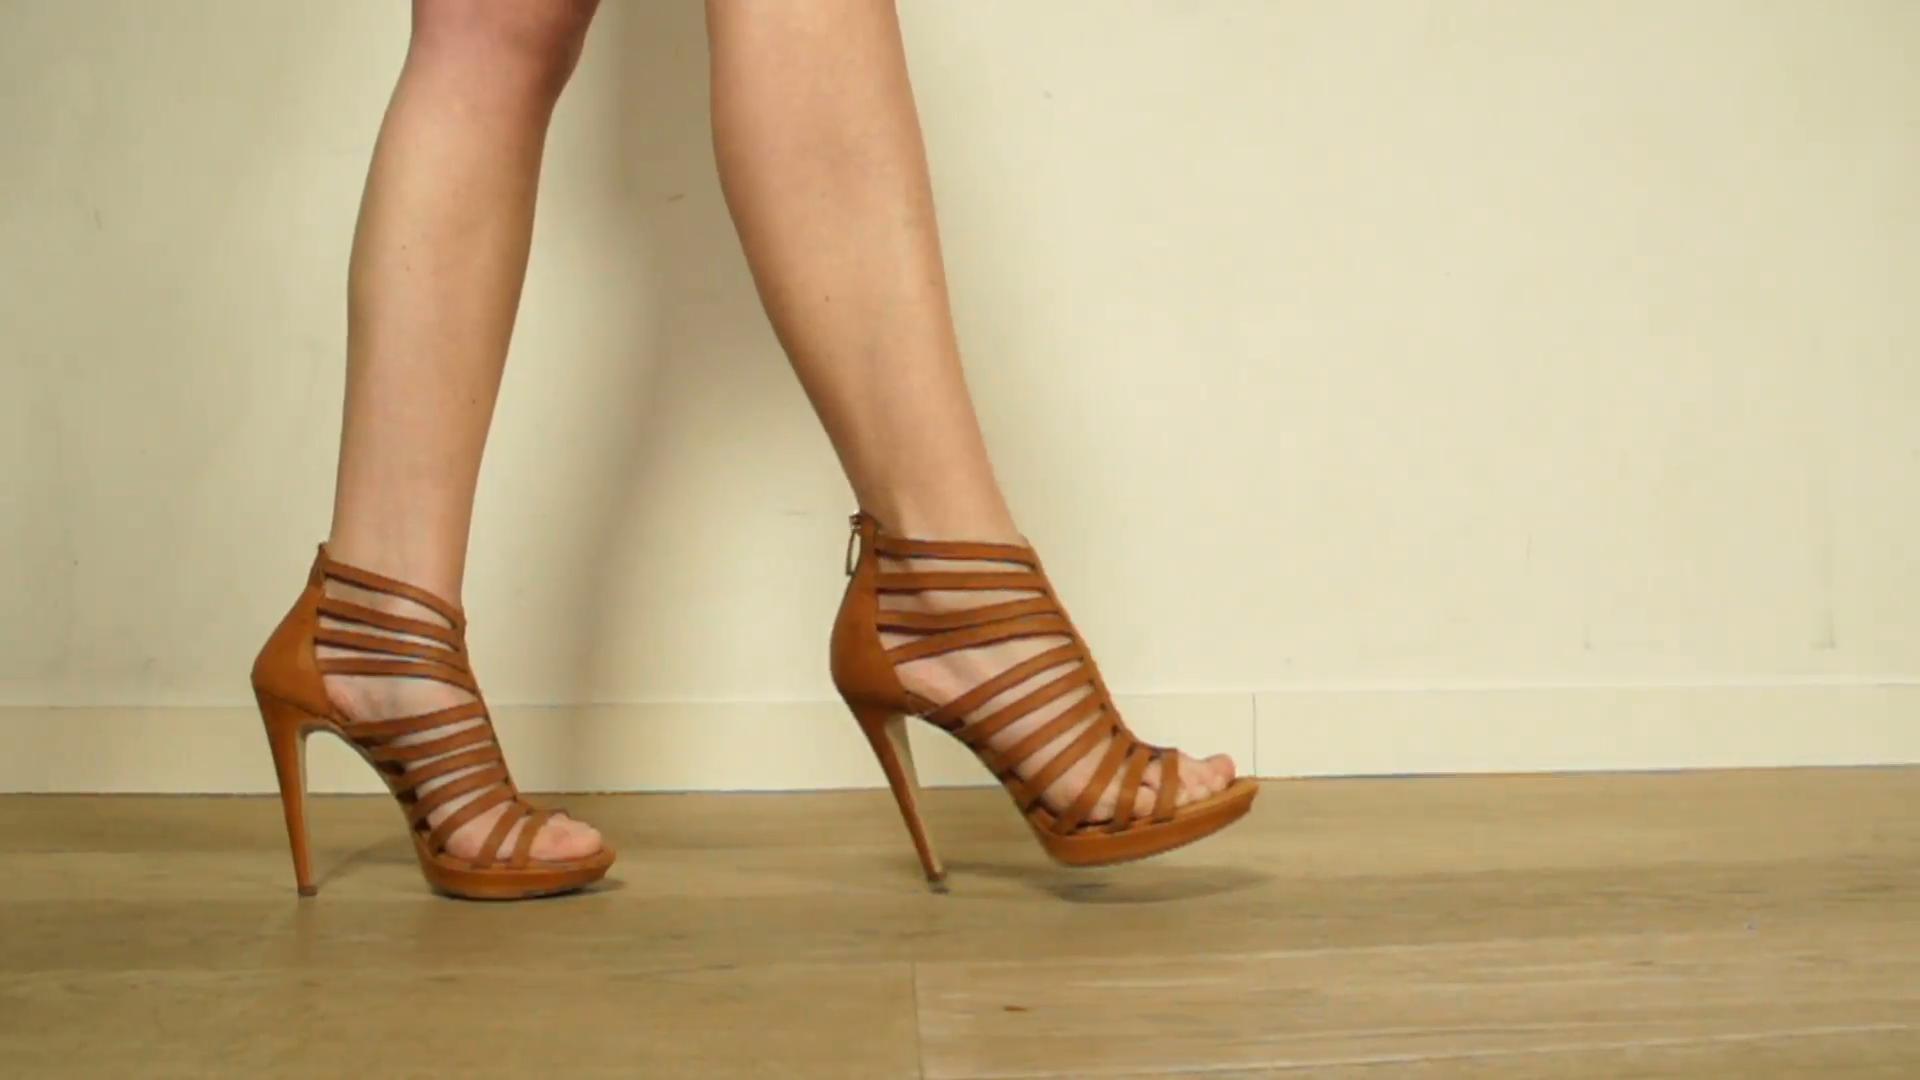 В Японии министр обязал женщин продолжать носить каблуки на работе